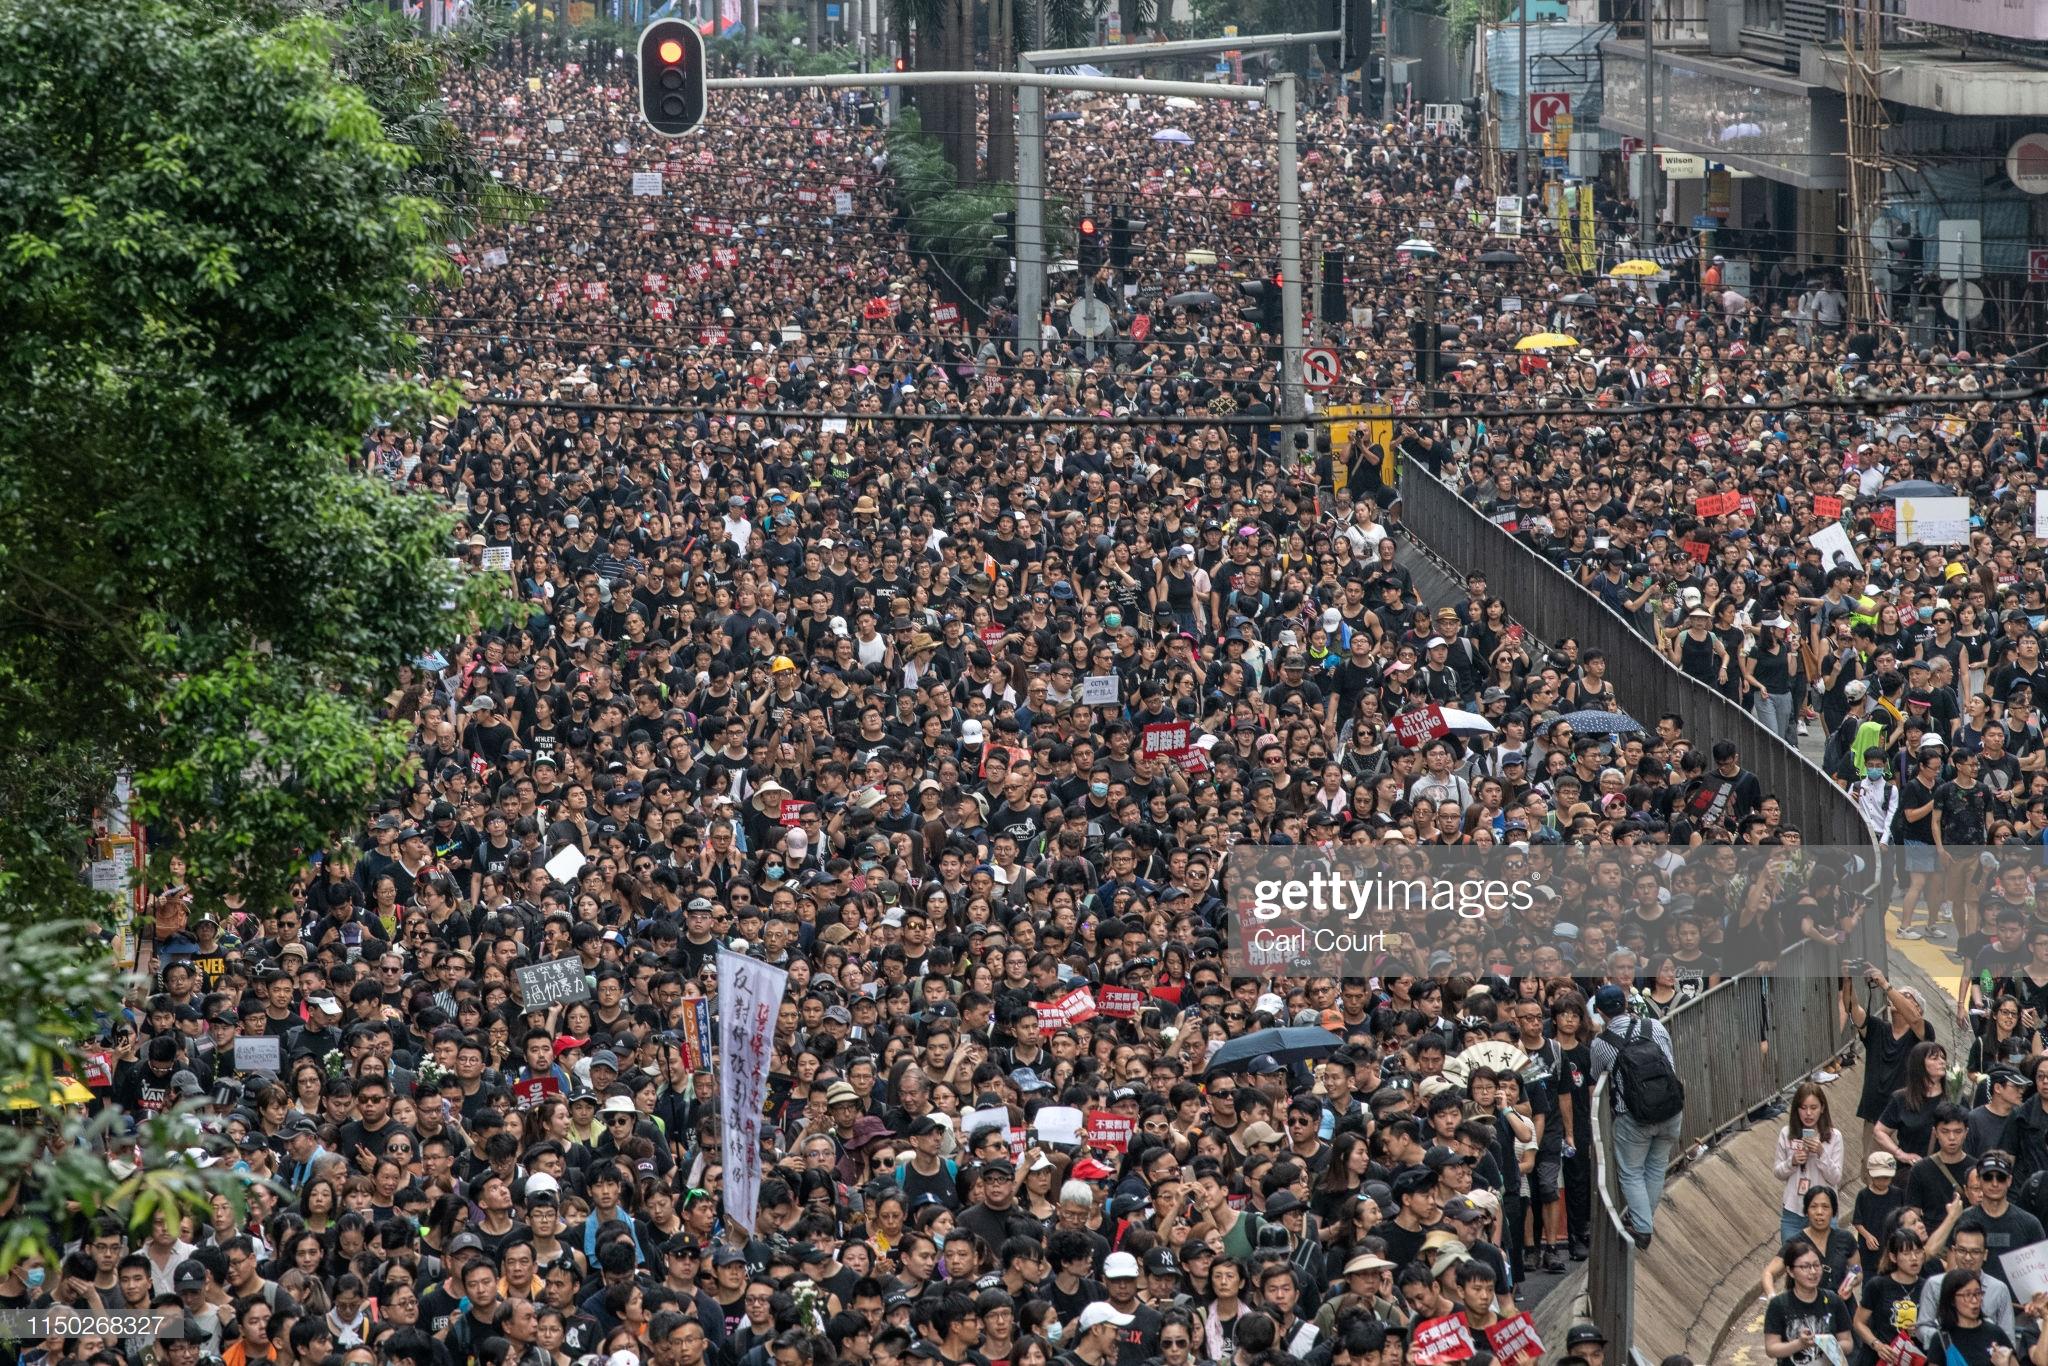 Hong Kong: Biển người biểu tình 'rẽ sóng' nhường lối cho xe cứu thương.2